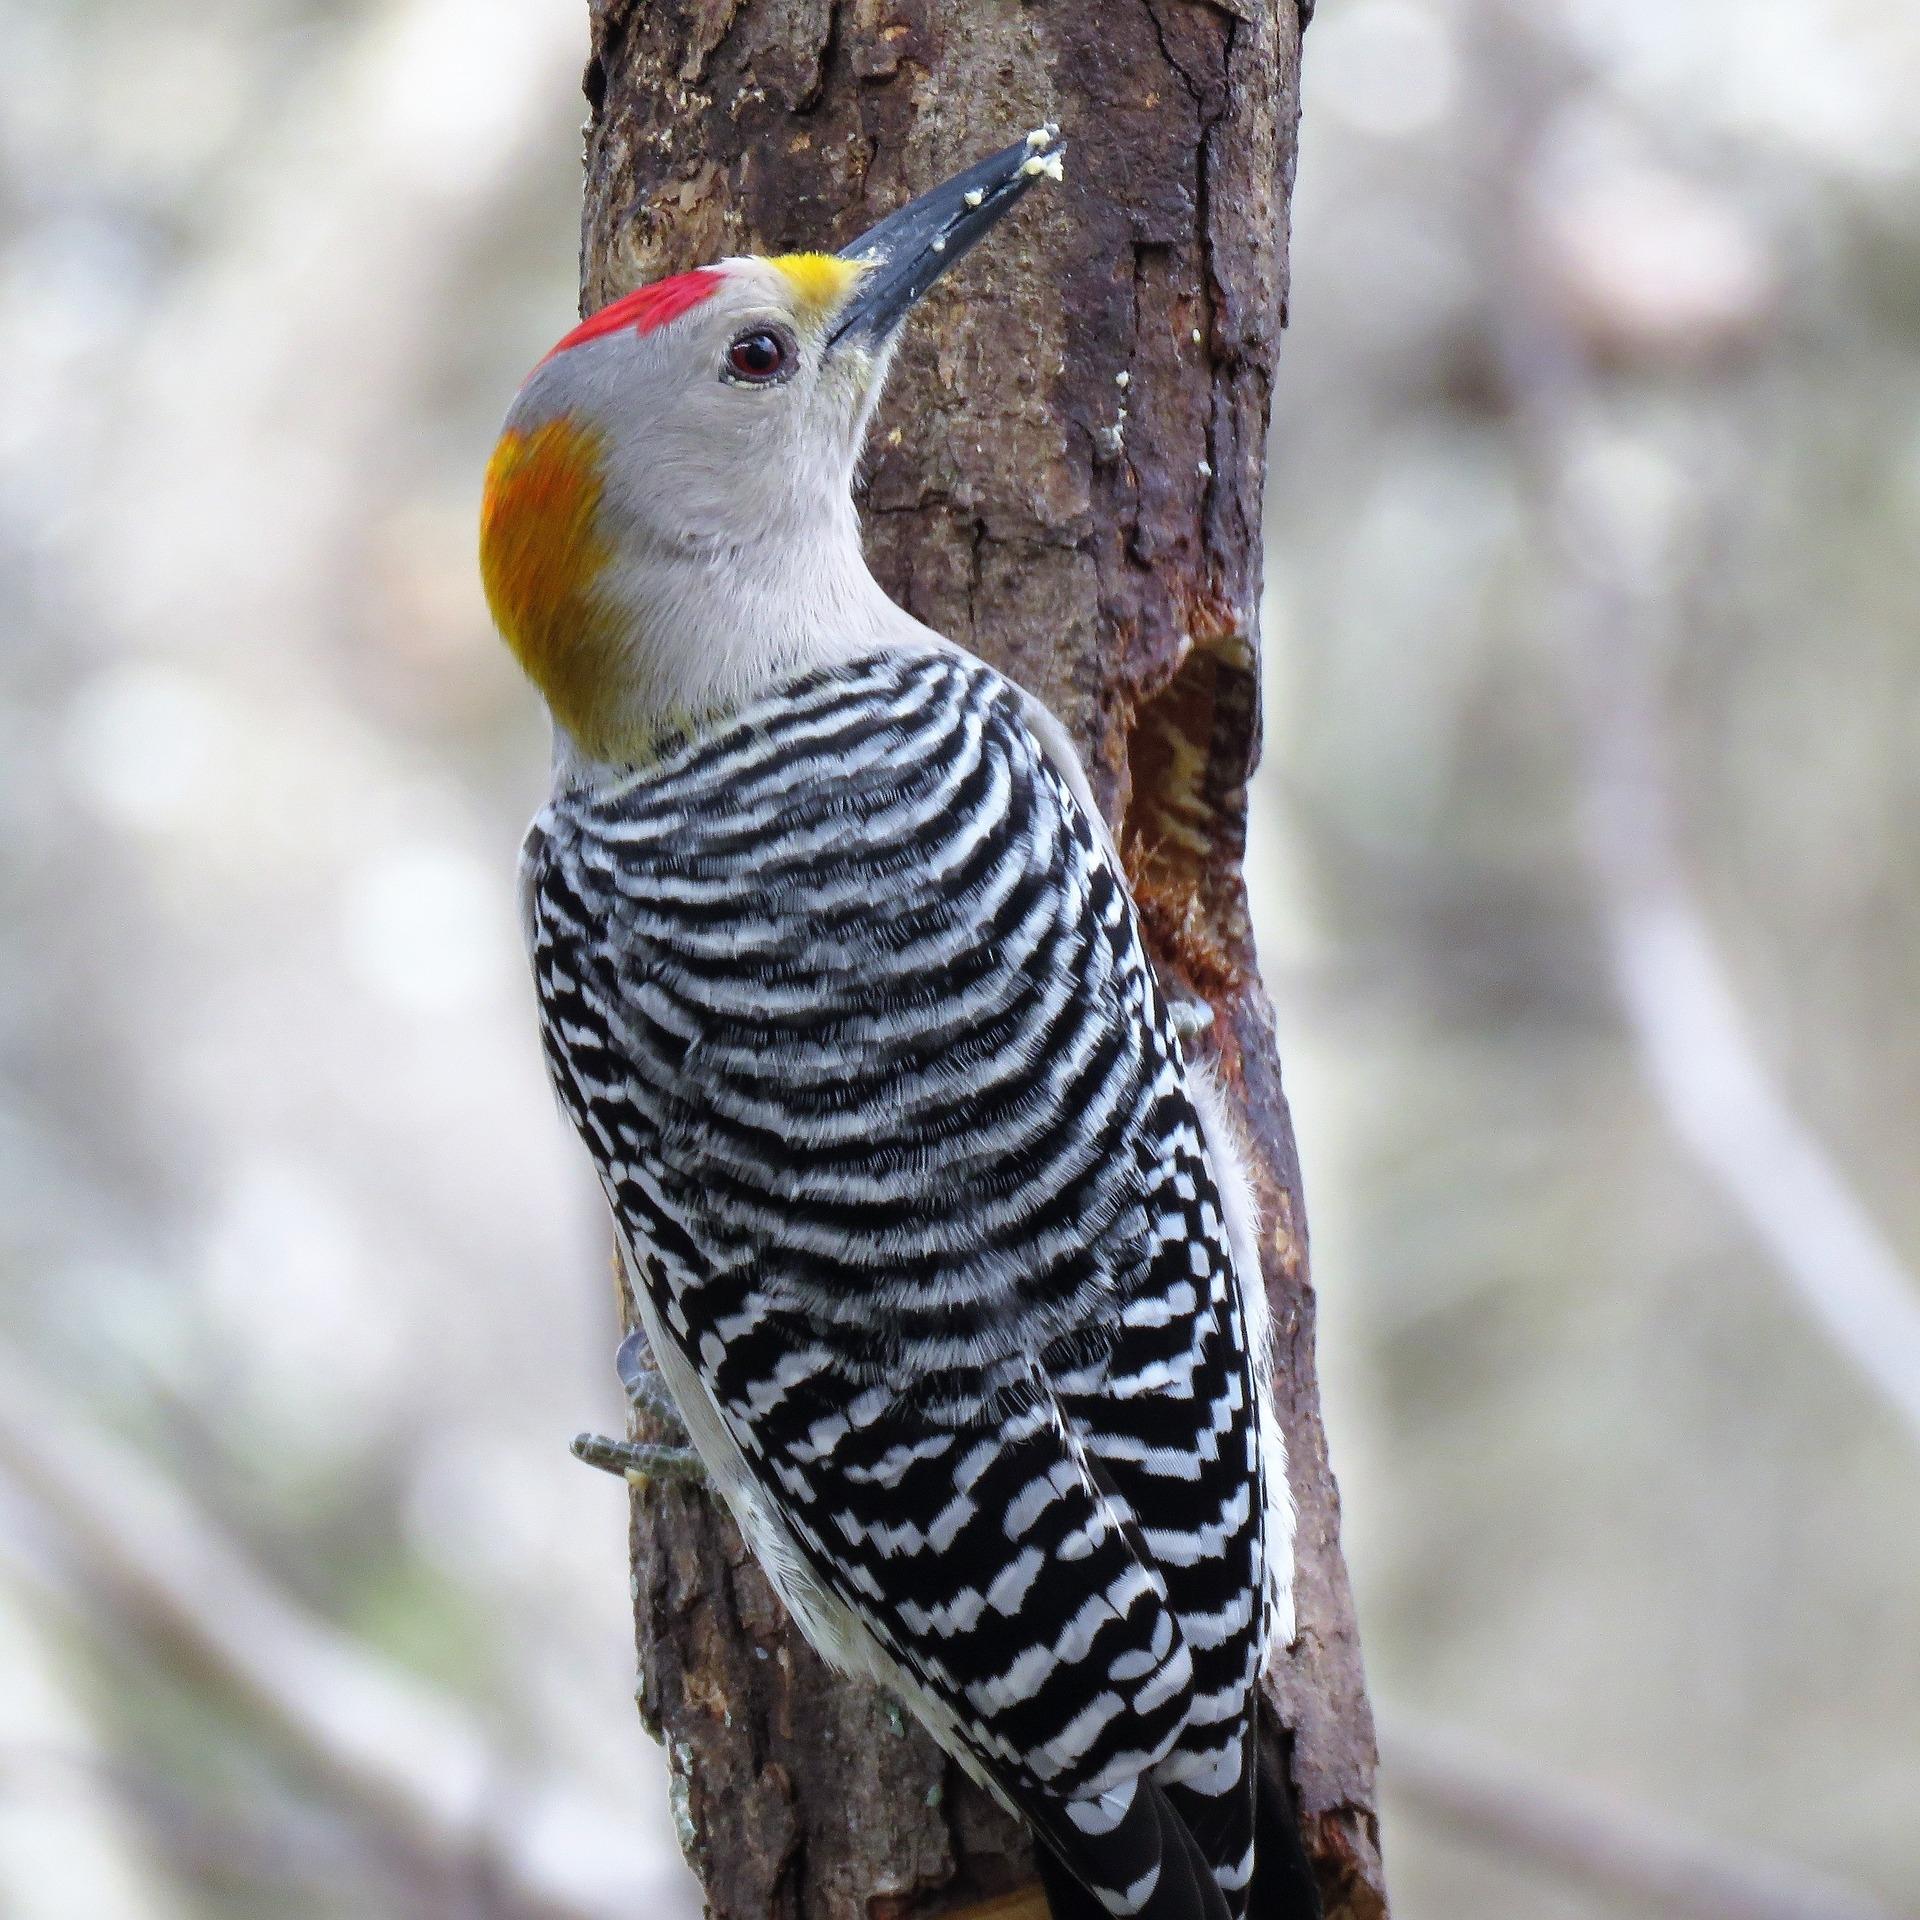 woodpecker-3137599_1920.jpg